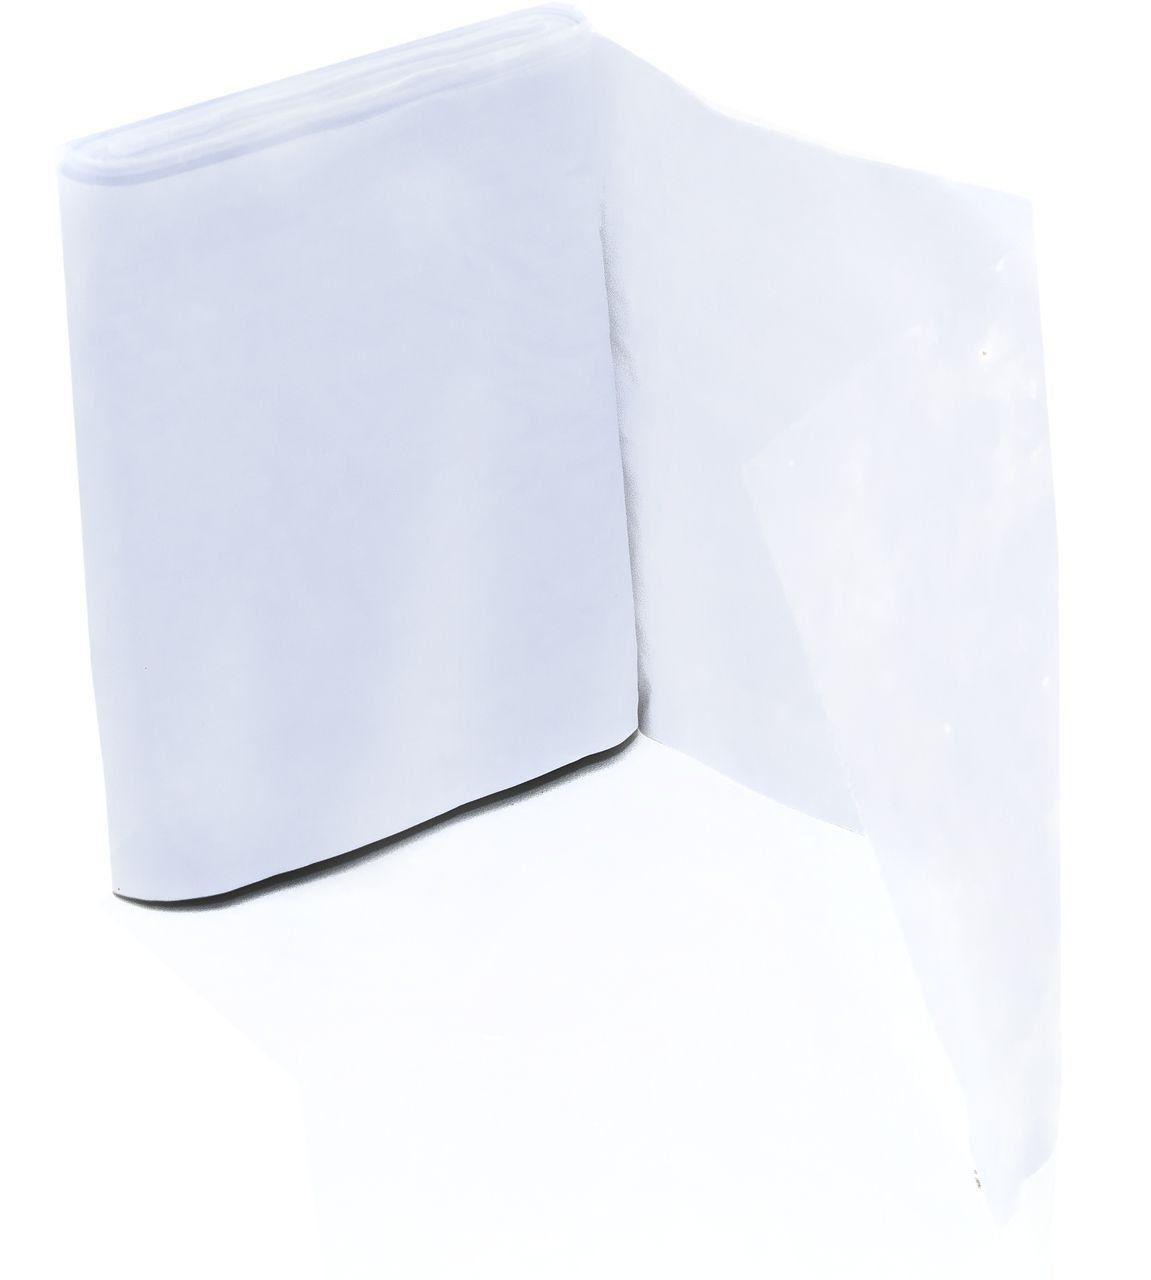 FITA DE PVC BRANCA P/ ISOLAMENTO EM REFRIGERAO 100mm X 10m 11639